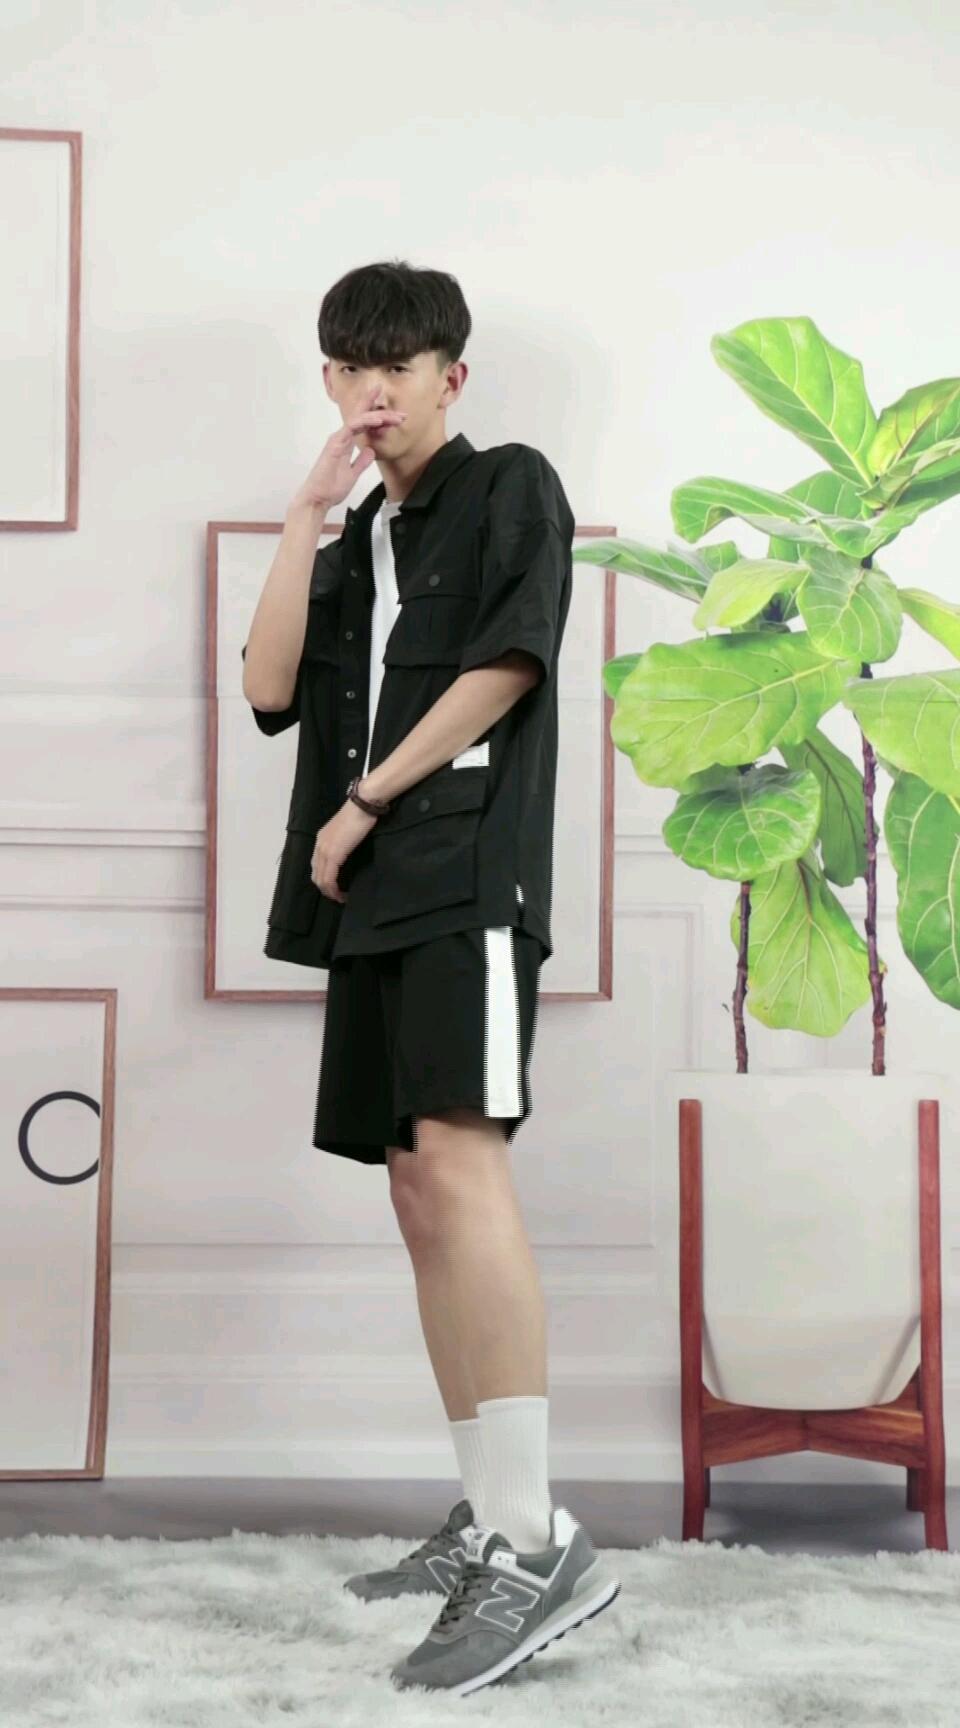 简约的衬衫版型,却给人非常用心的设计感,优质的面料选择,柔软细腻,纹理清晰,上身舒适亲肤,透气自然。短款的版式以及宽松的袖子设计,非常具有工装风格,带来干练帅气。搭配一条撞色,五分短裤,再来一双休闲鞋,瞬间变身潮男。#百搭百搭最百搭!#